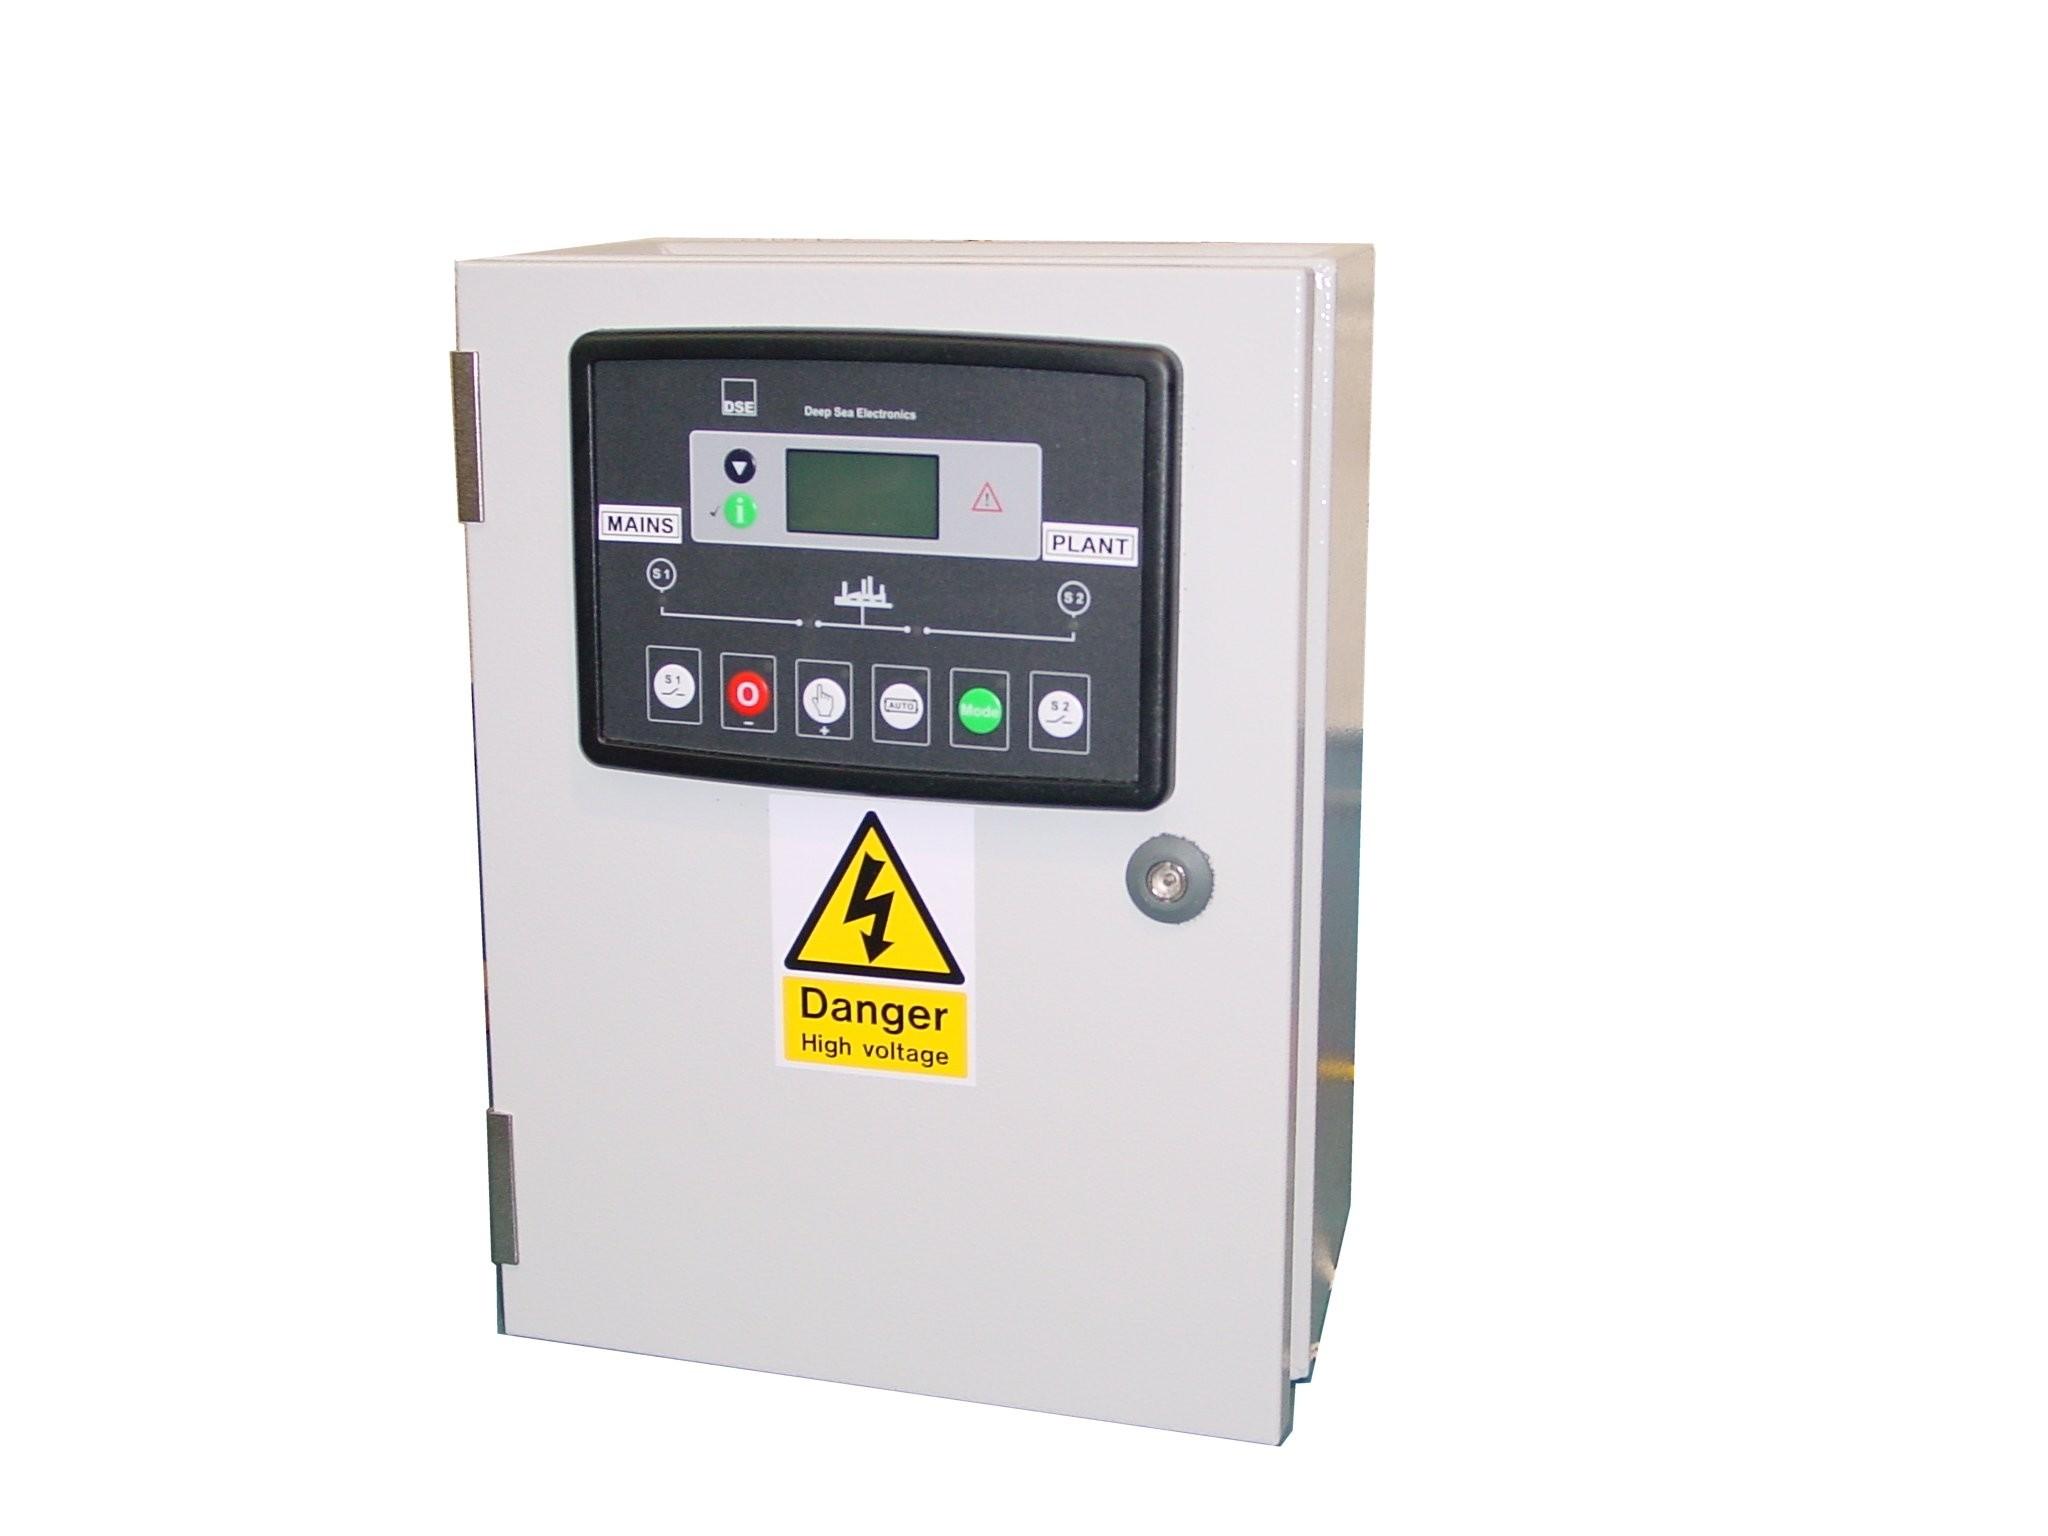 100A ATS 3 Phase 400V, DSE334, ABB Contactors